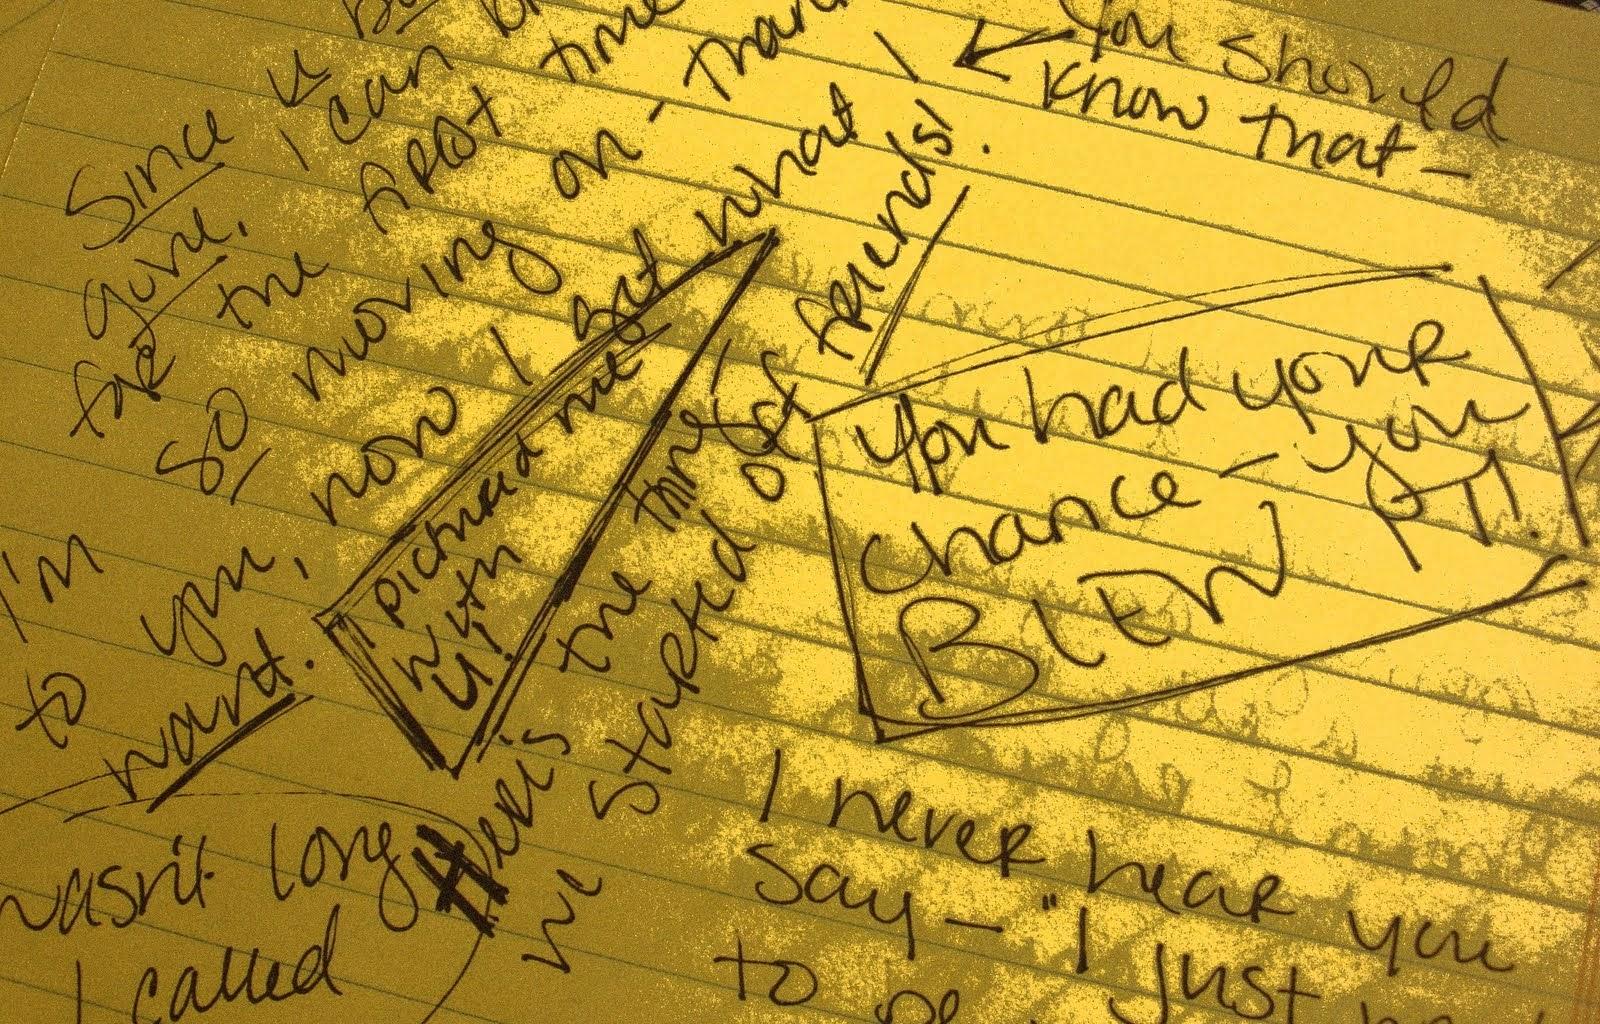 Break Up Songs: Since U Been Gone http://www.jinglejanglejungle.net/2015/02/since-gone.html #BreakUpSongs #KellyClarkson